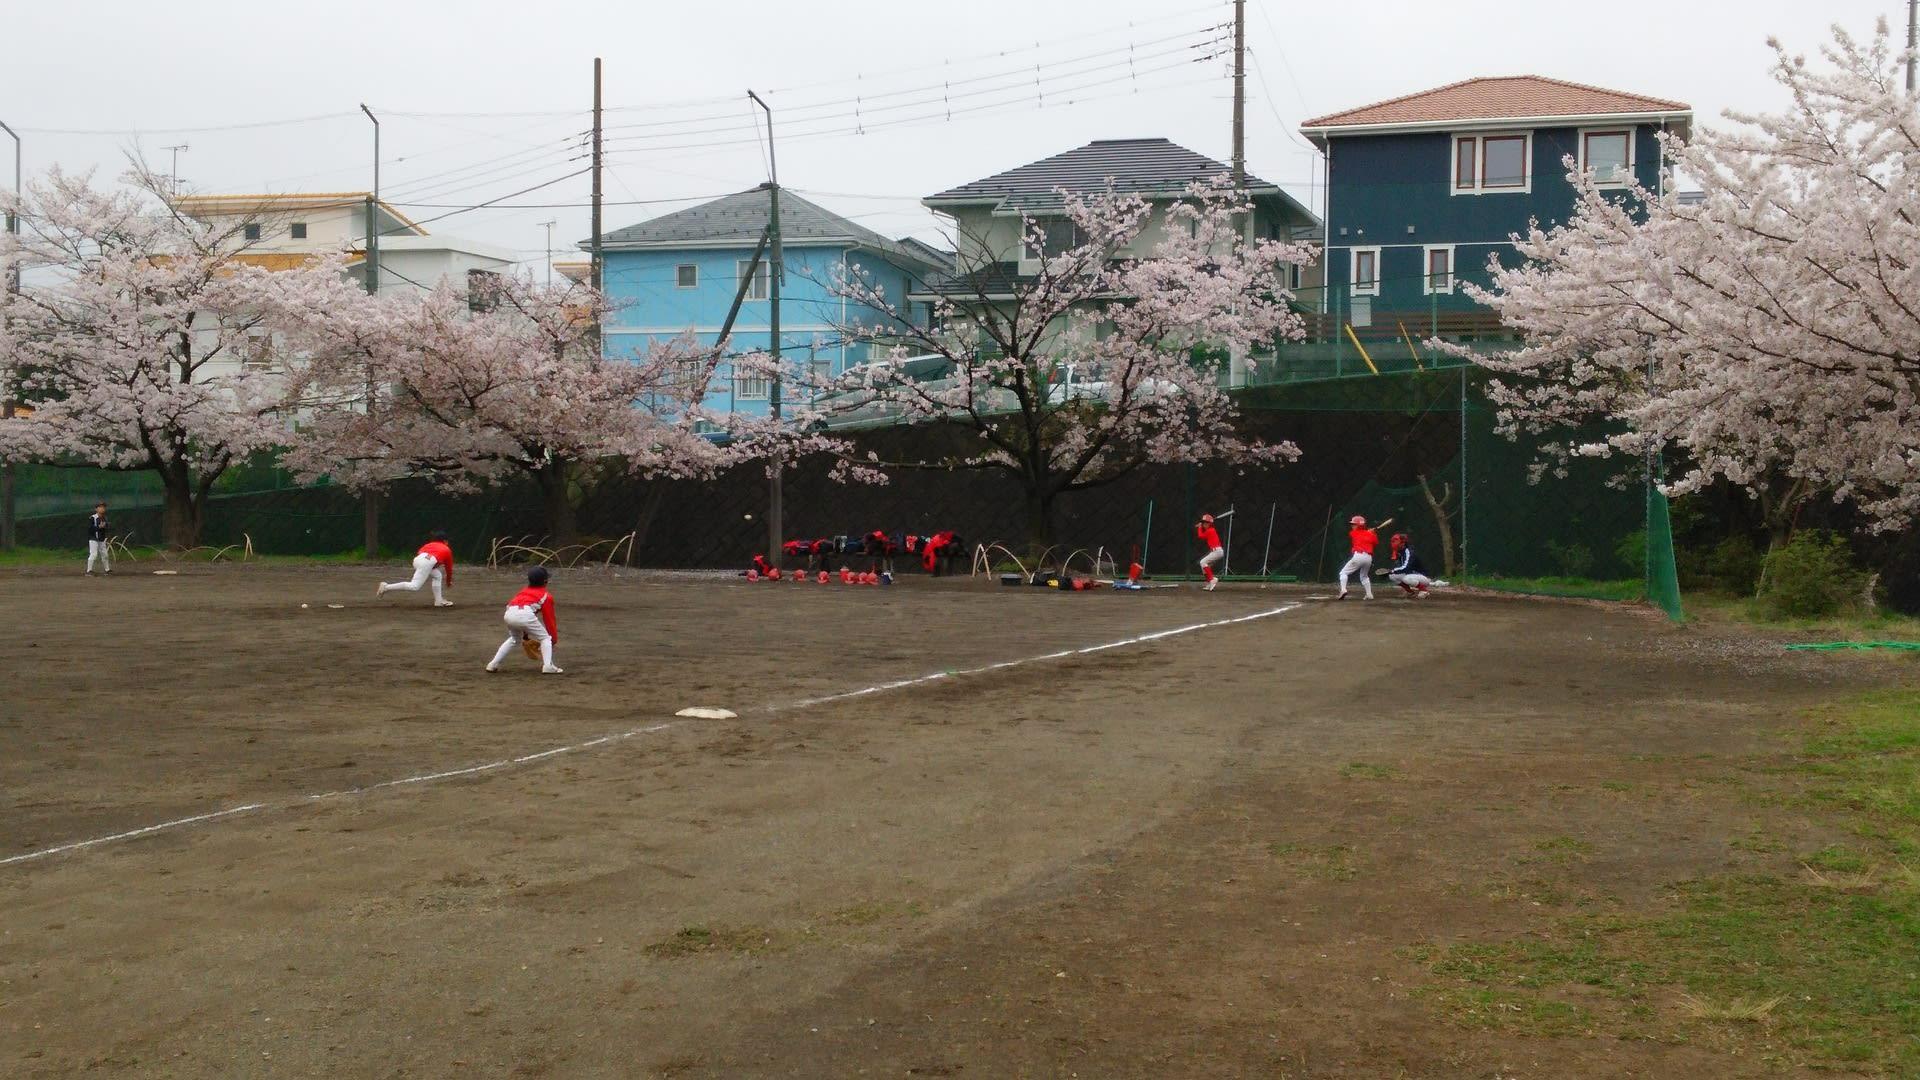 淡路島軟式少年野球連盟について - 淡路島軟式少年 …